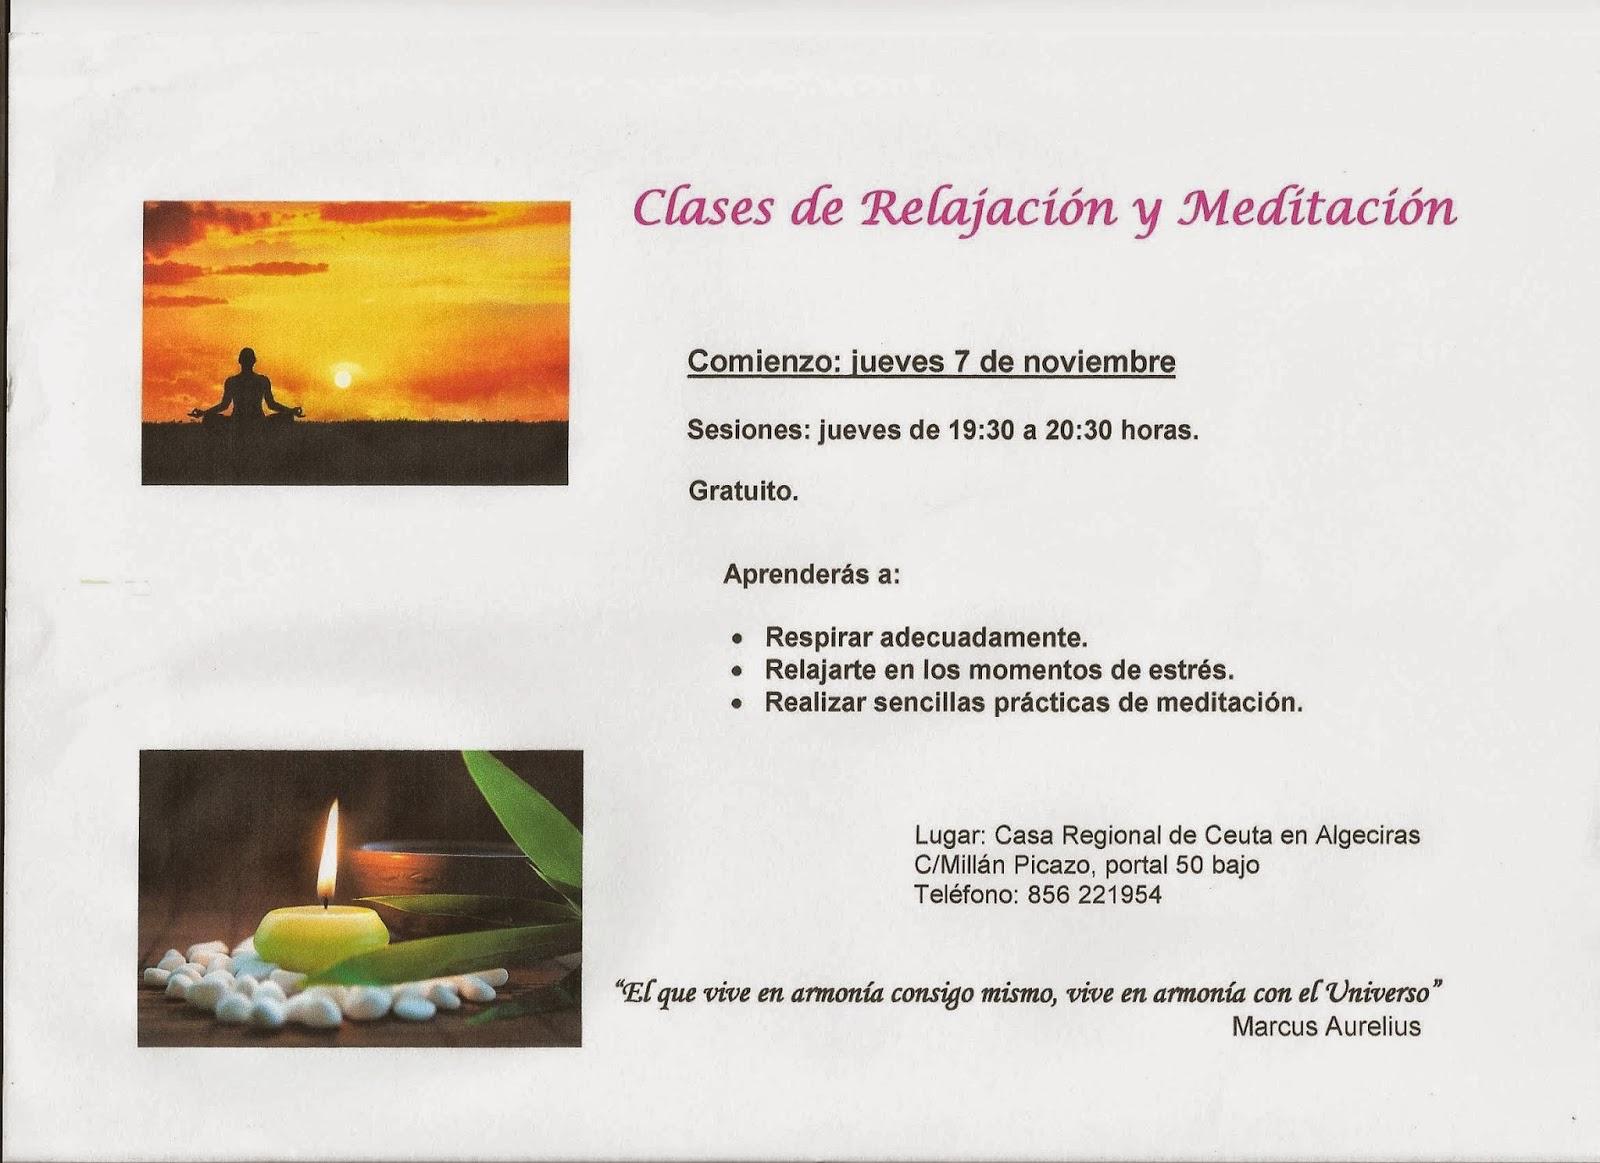 Casa regional de ceuta en algeciras clases de meditaci n - Relajacion en casa ...